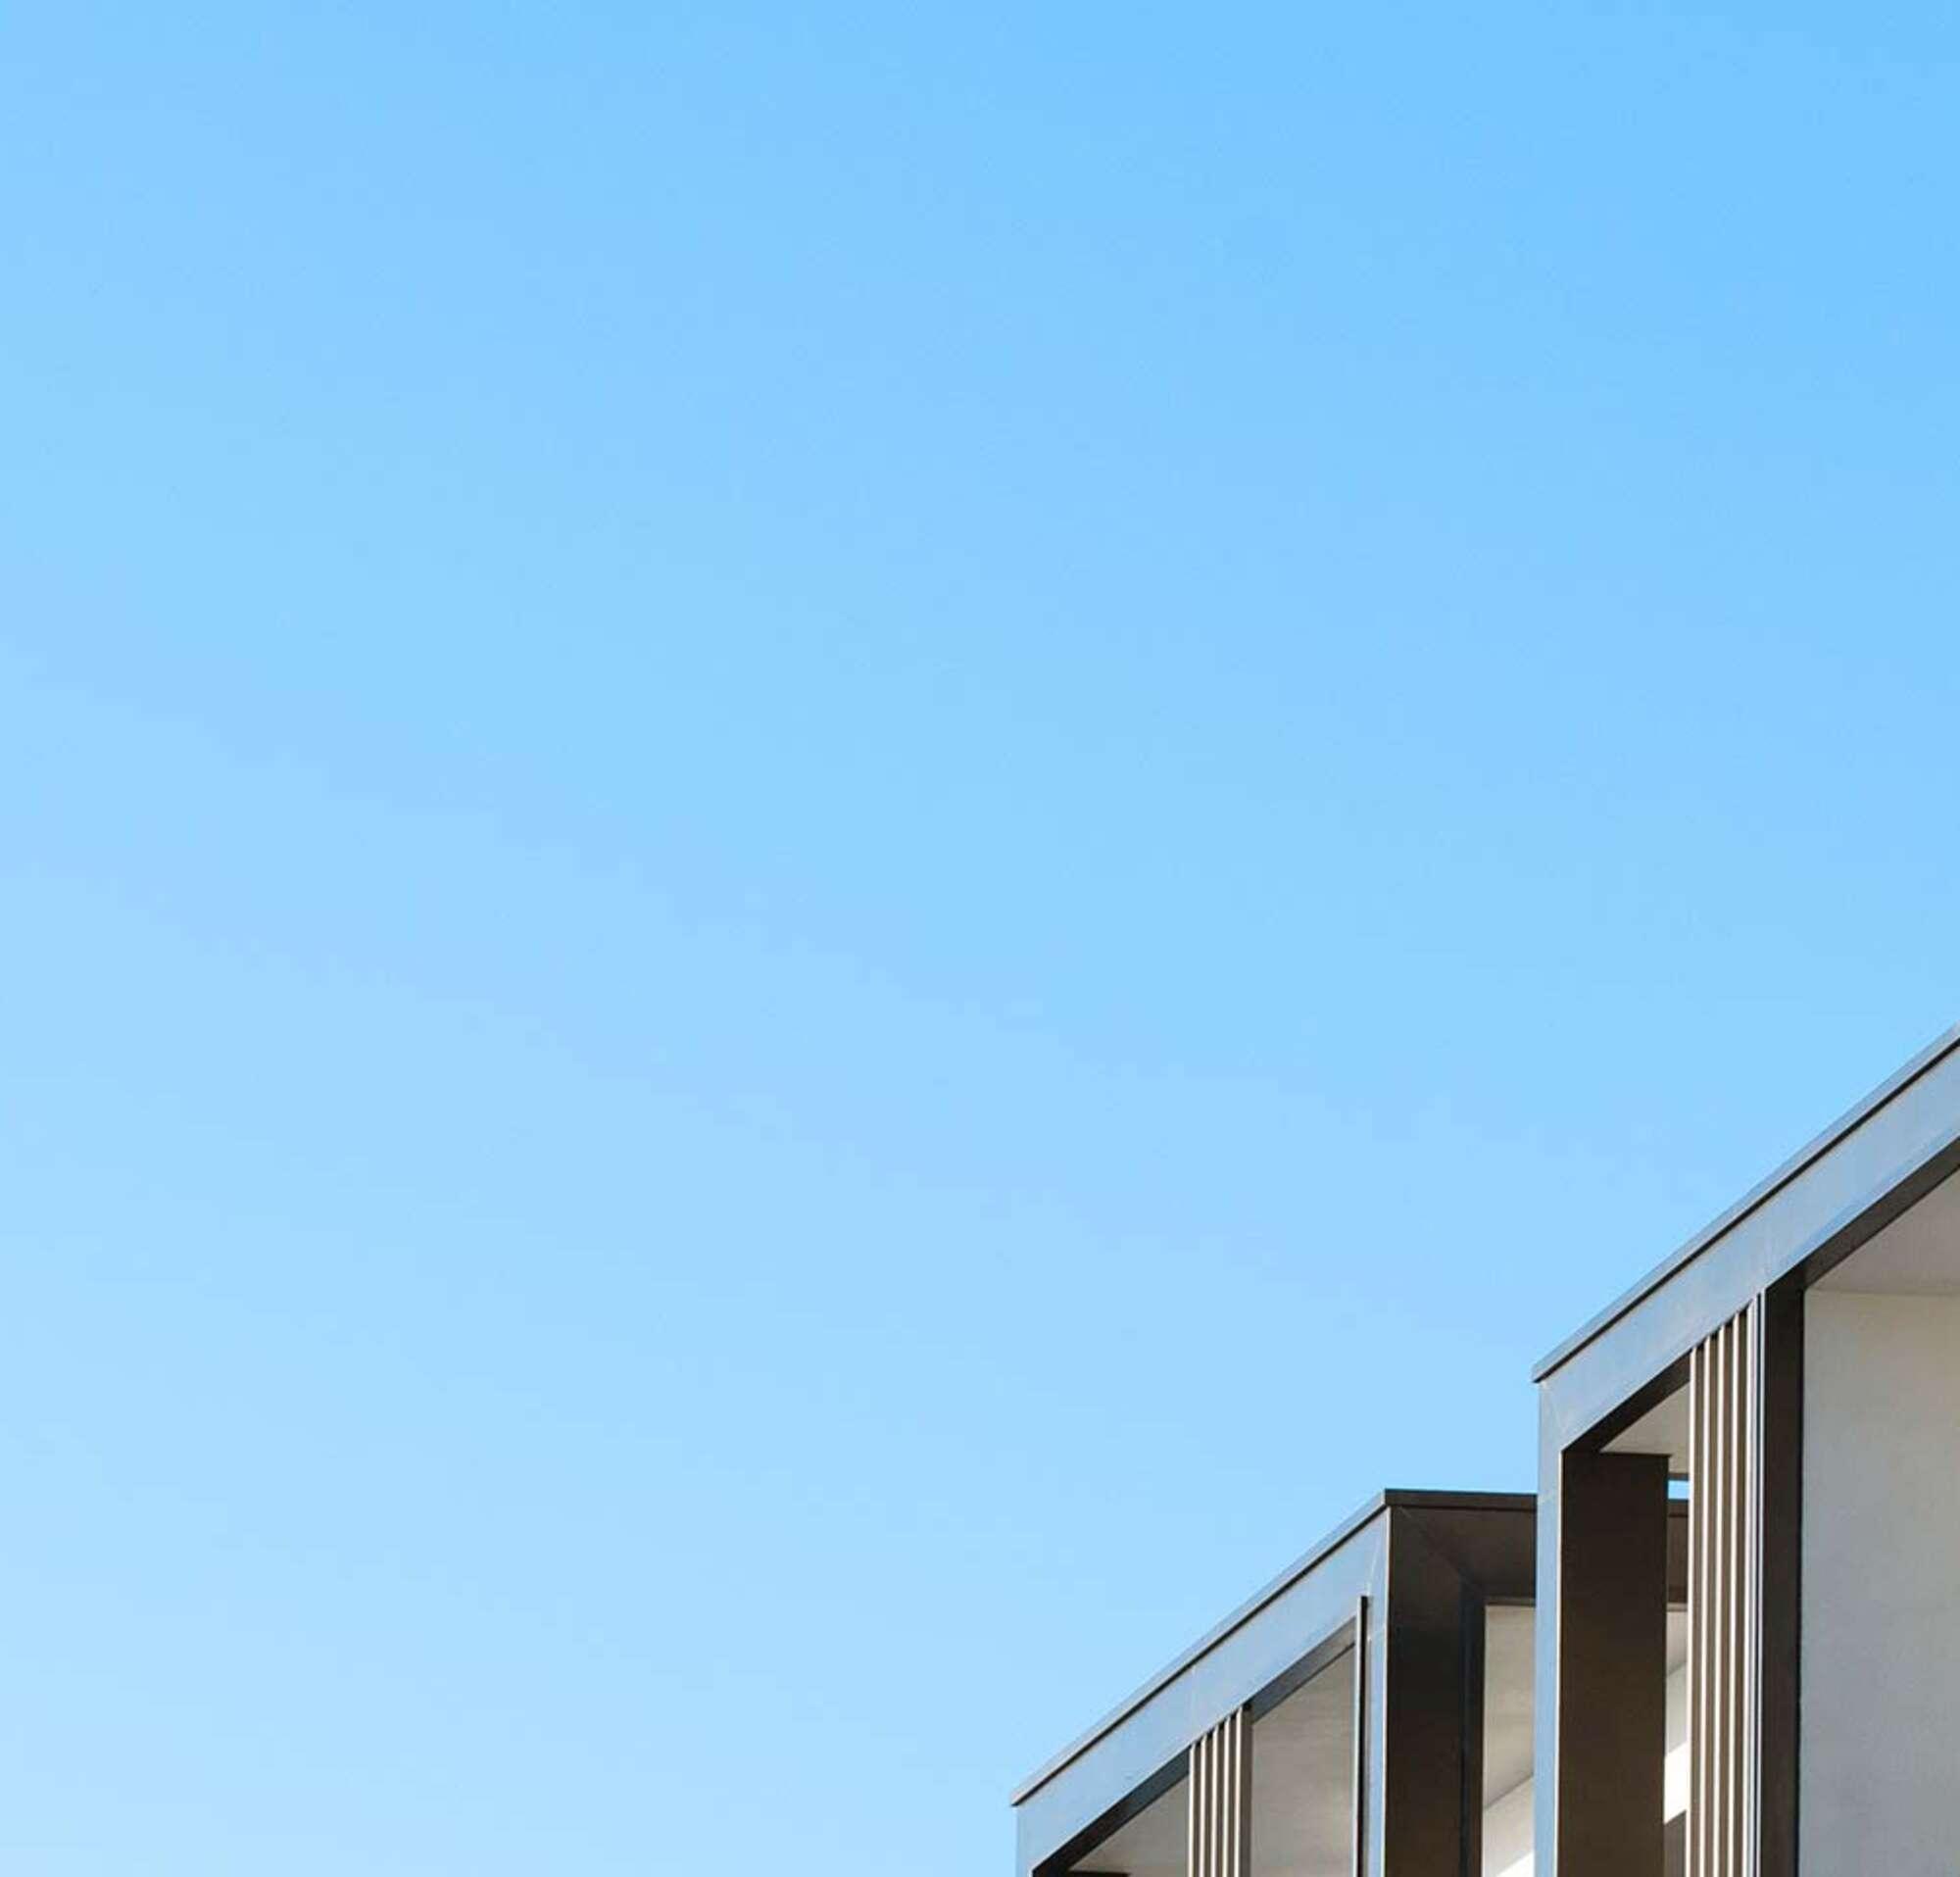 Eine Immobilie, Immobilienmakler verwendet DocuSign für eSignature